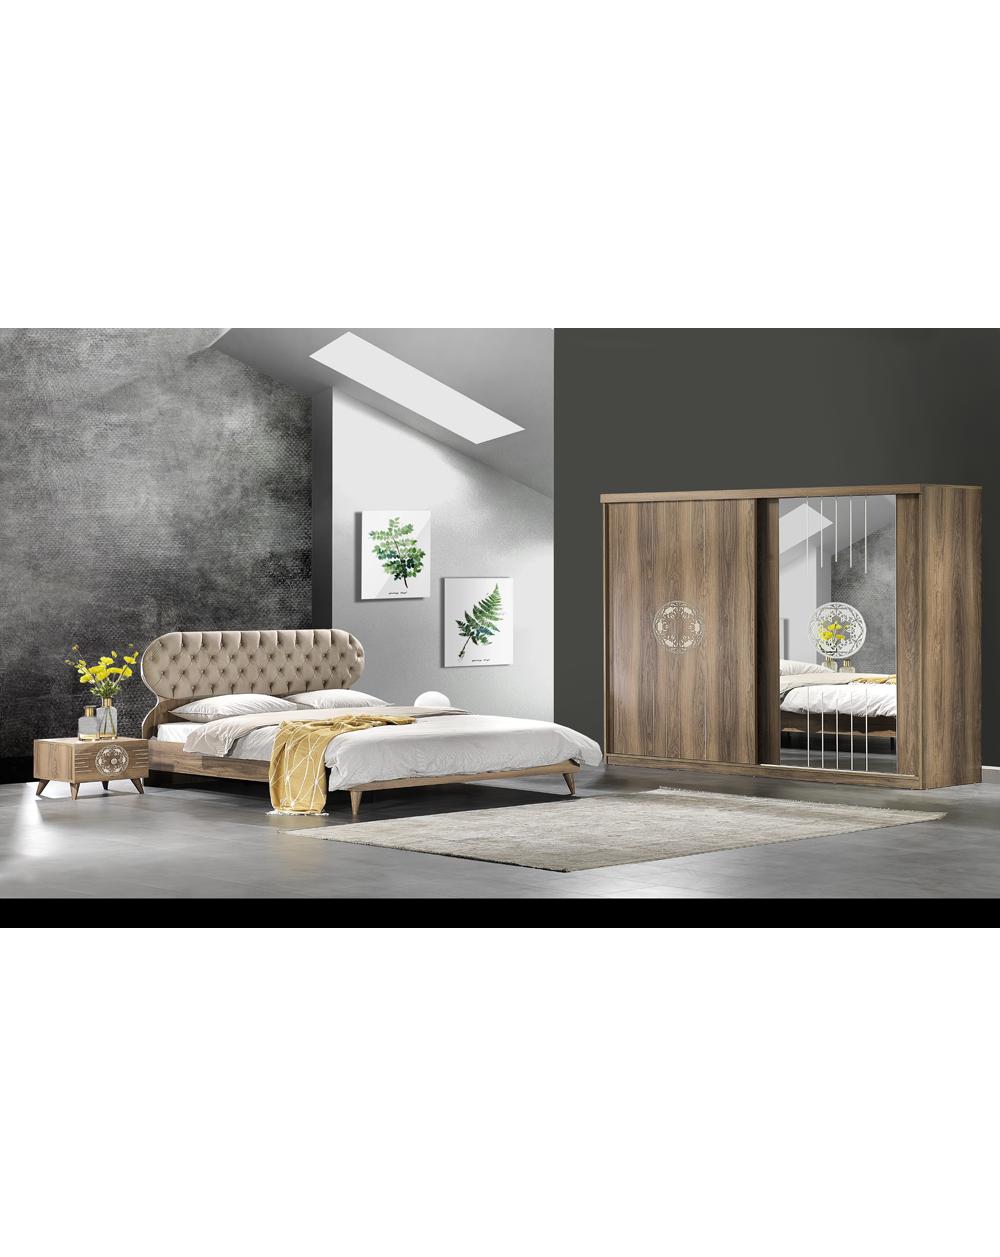 Antik Moderne Kopmlett Schlafzimmer